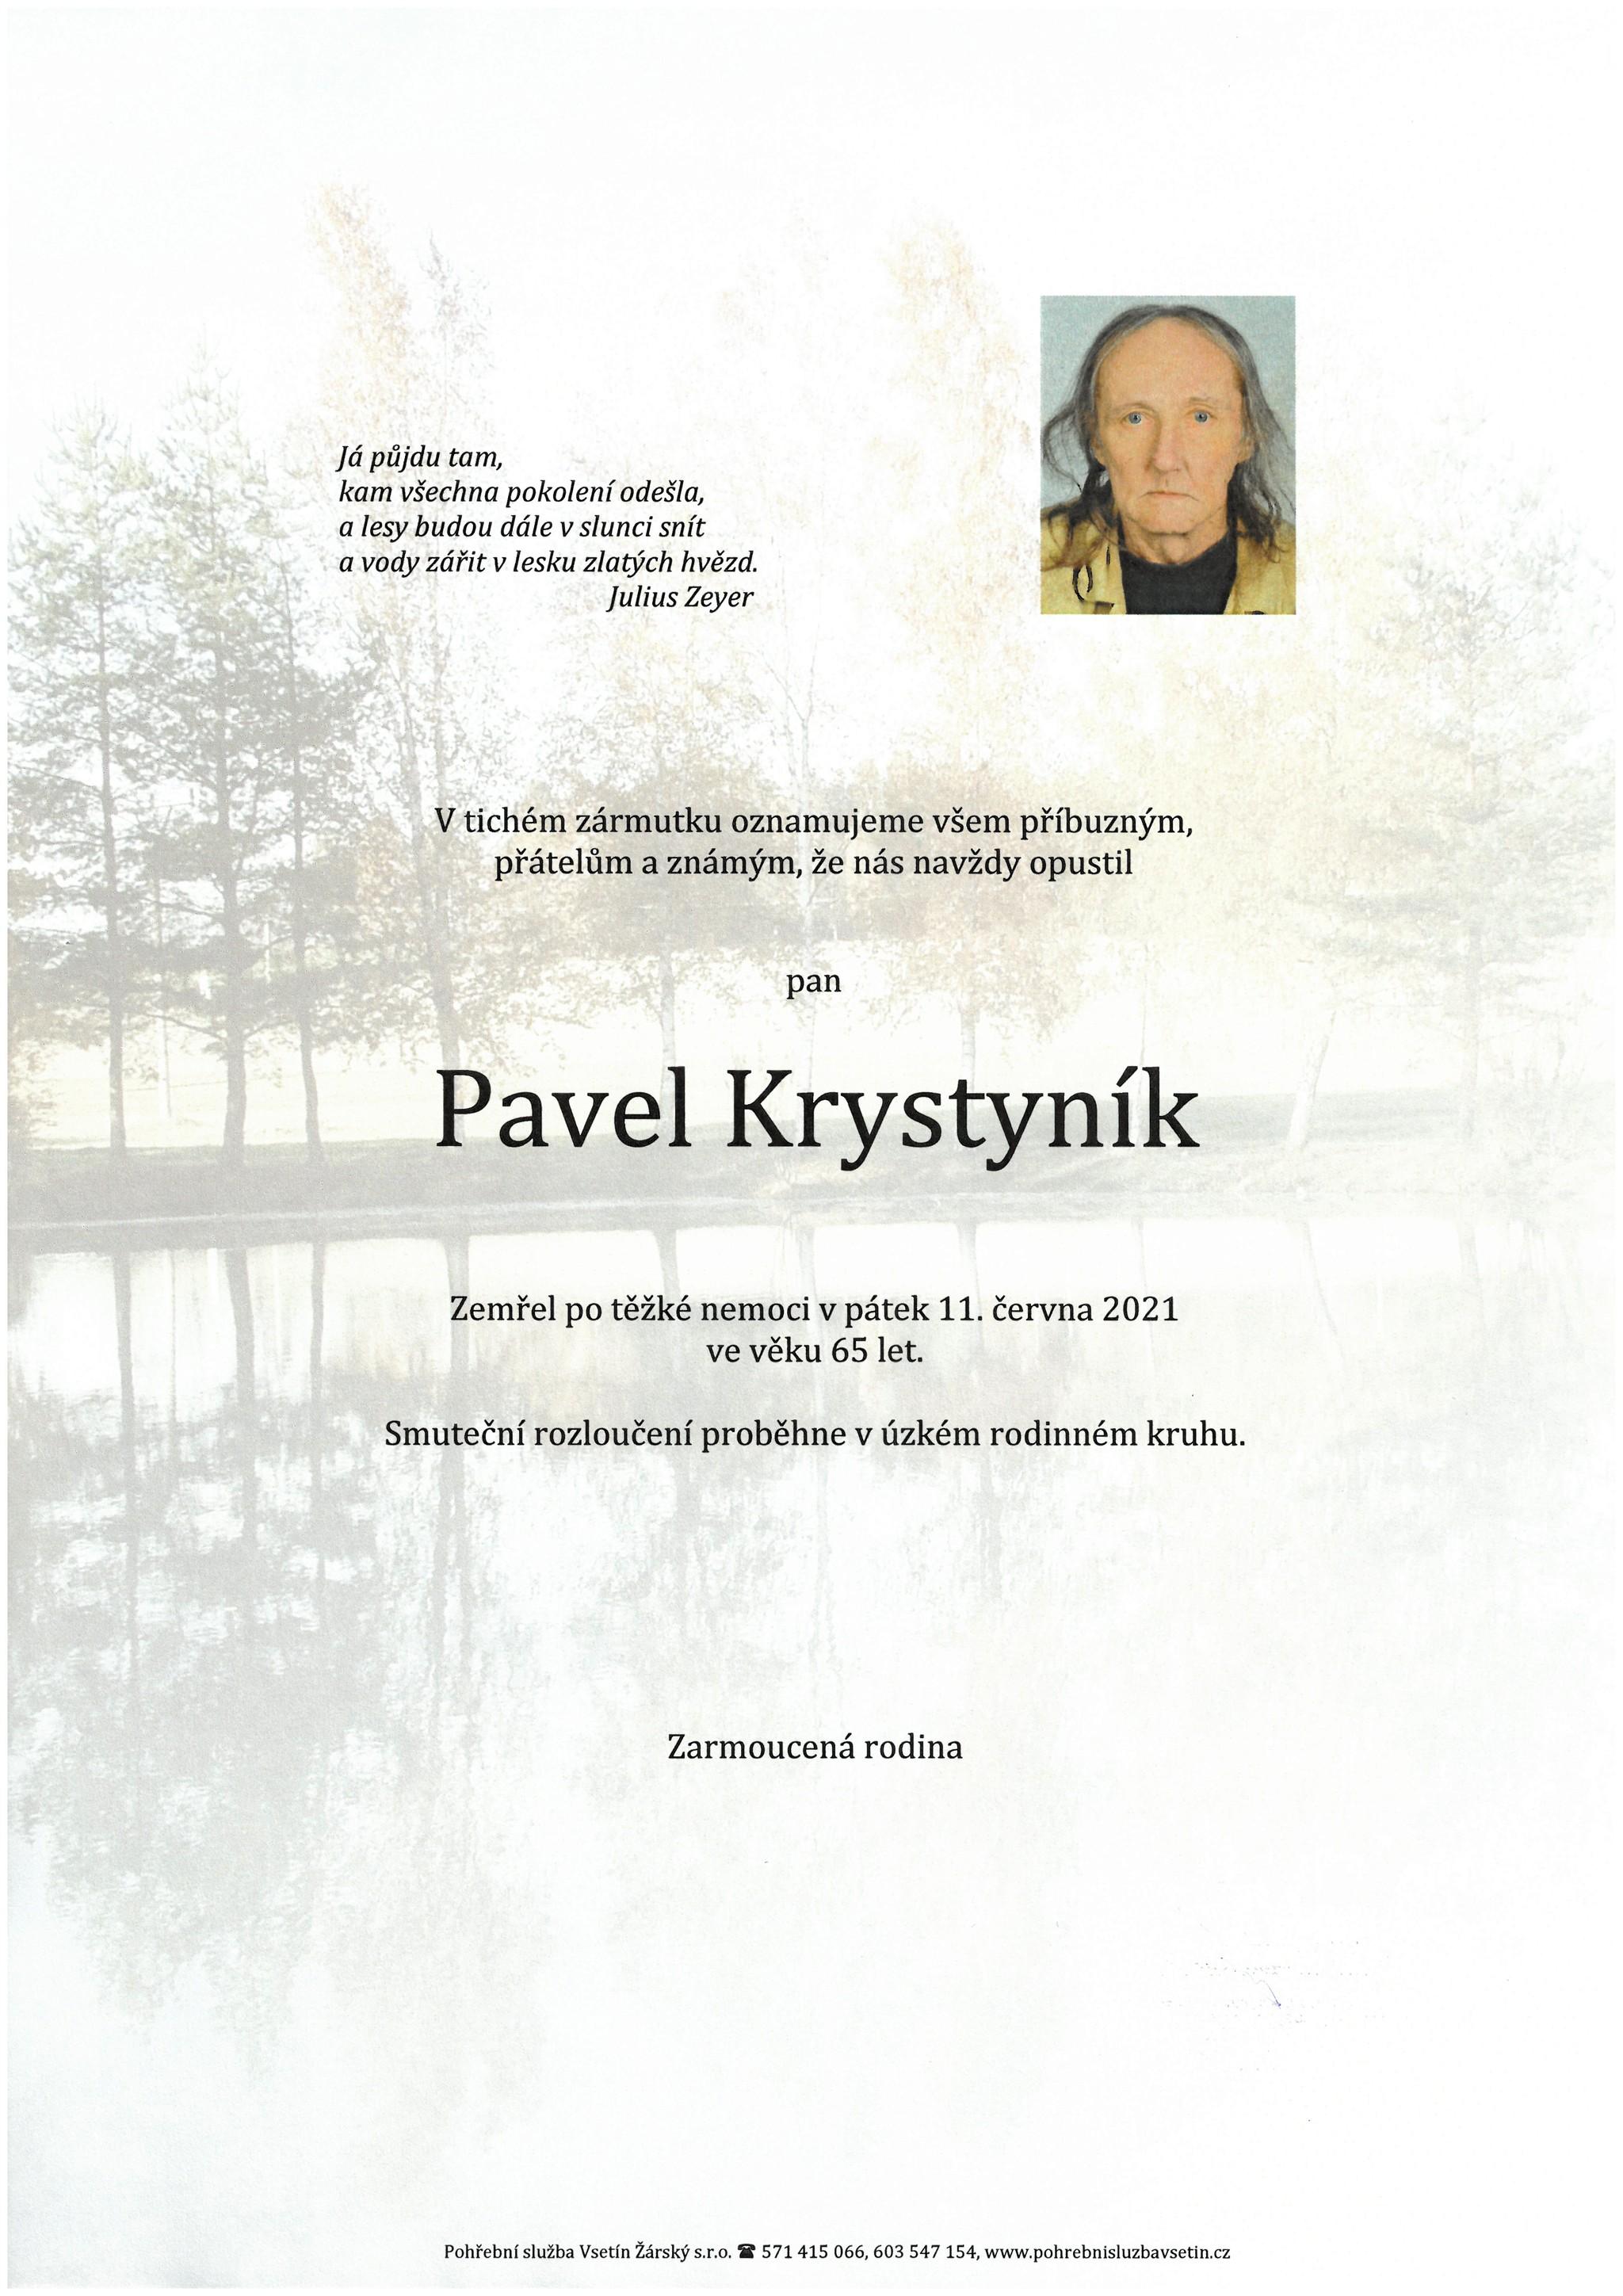 Pavel Krystyník